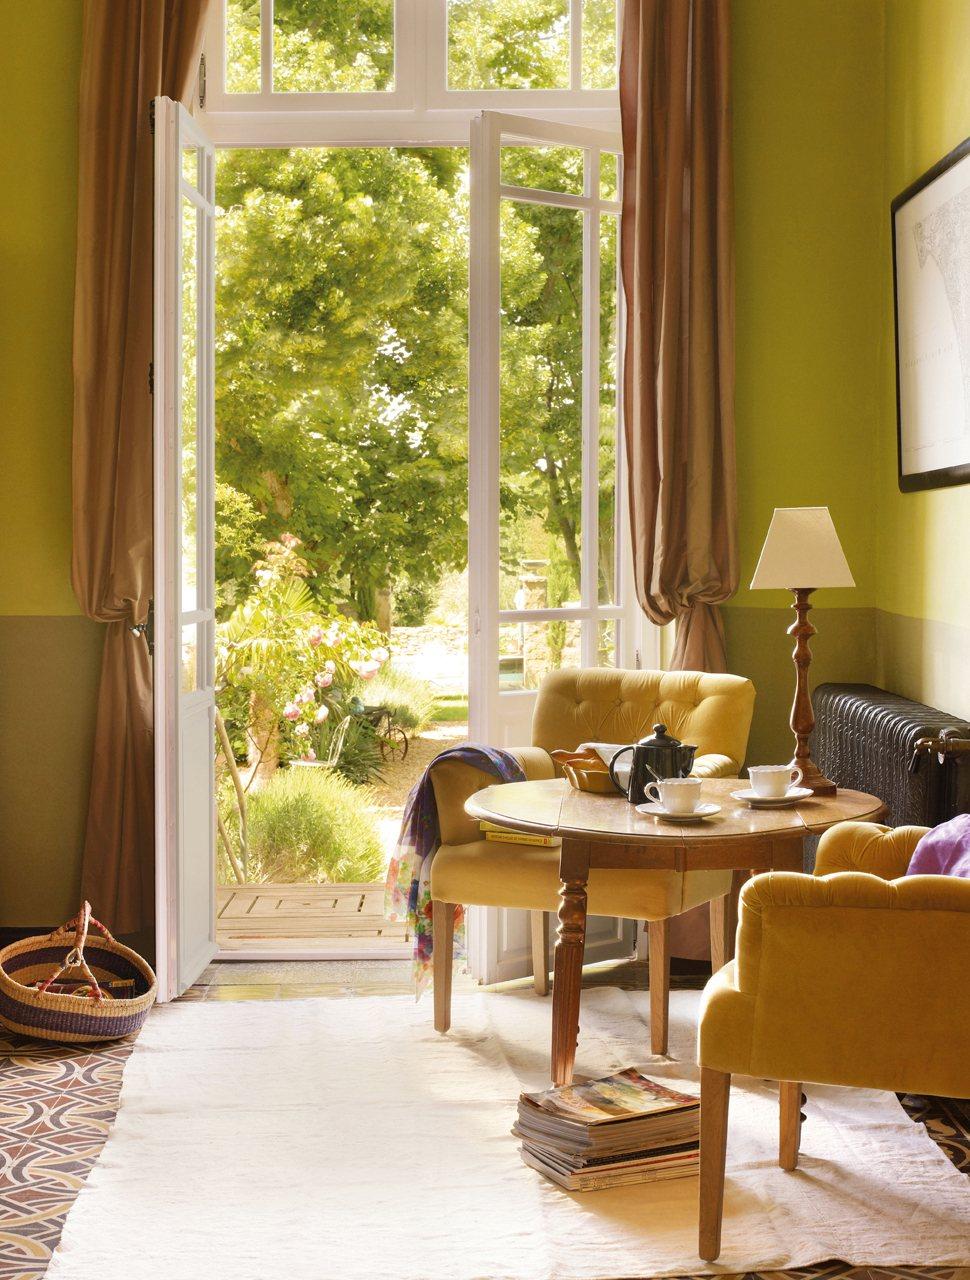 Verde en tono oliva - Colores de moda en paredes ...